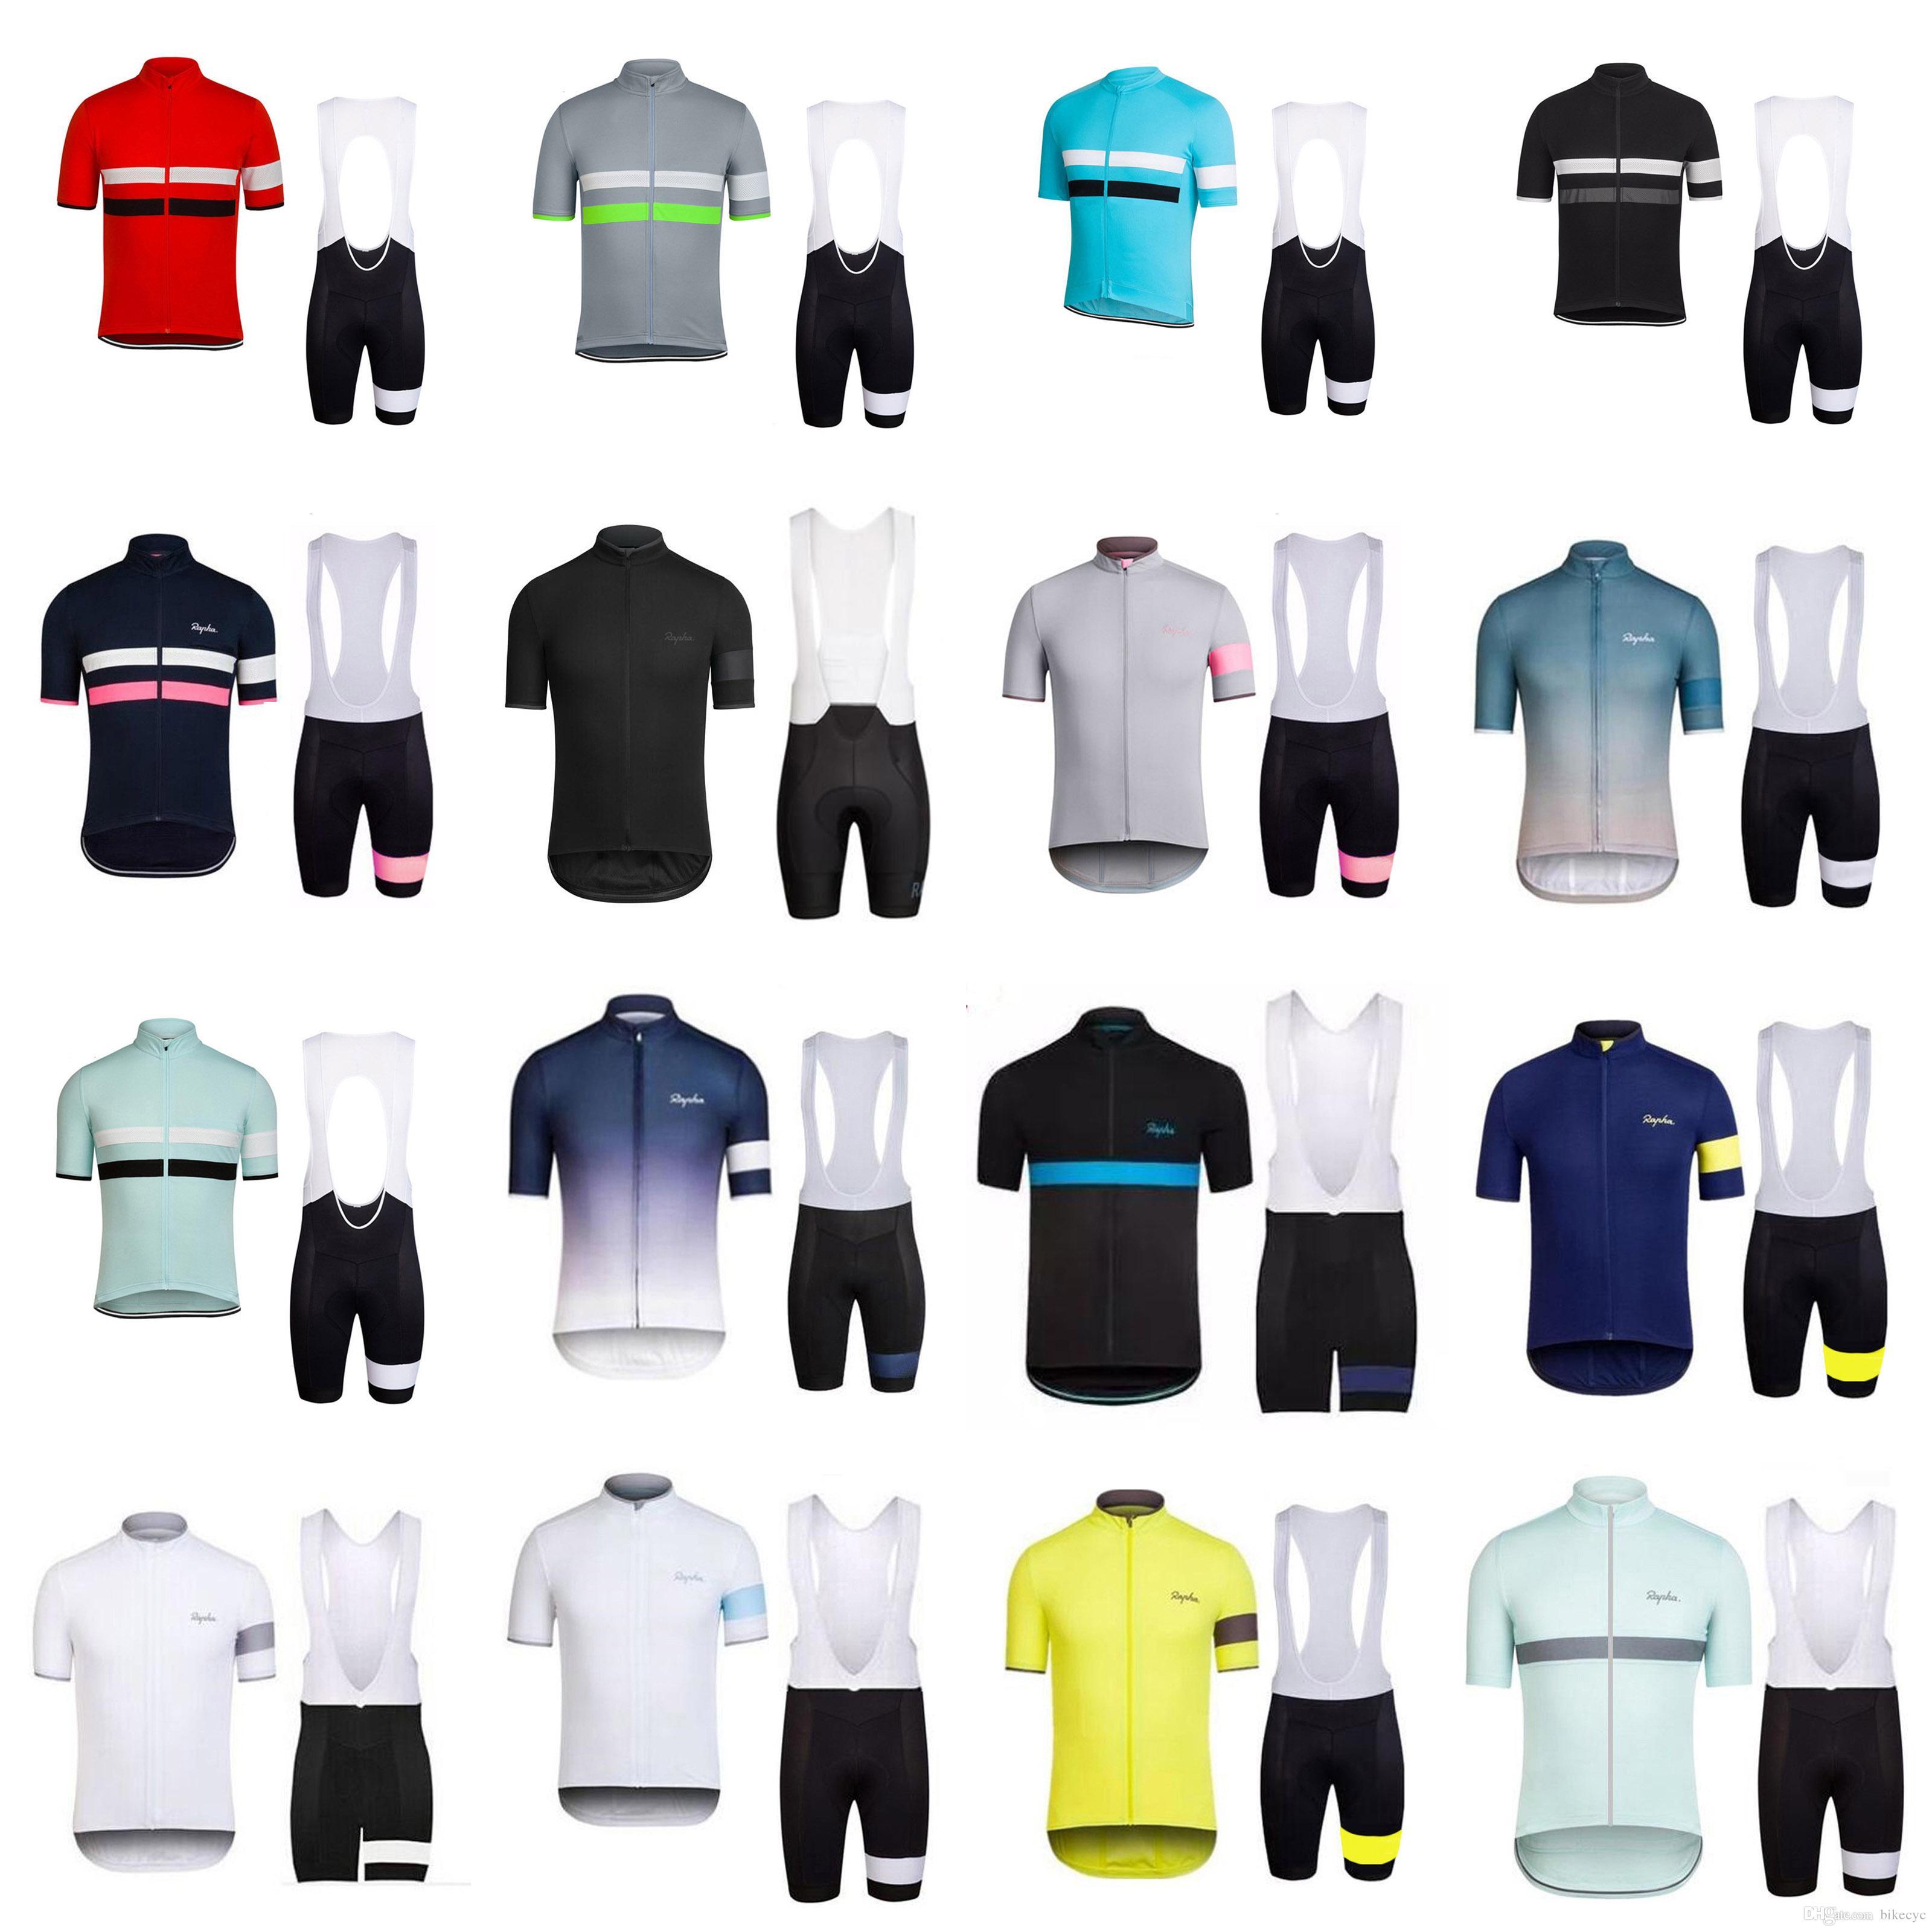 RAPHA equipo de ciclismo manga corta pantalones cortos del babero de Jersey Nueva conjuntos 2019 ropa de la bici de secado rápido usable hombres transpirable U40907